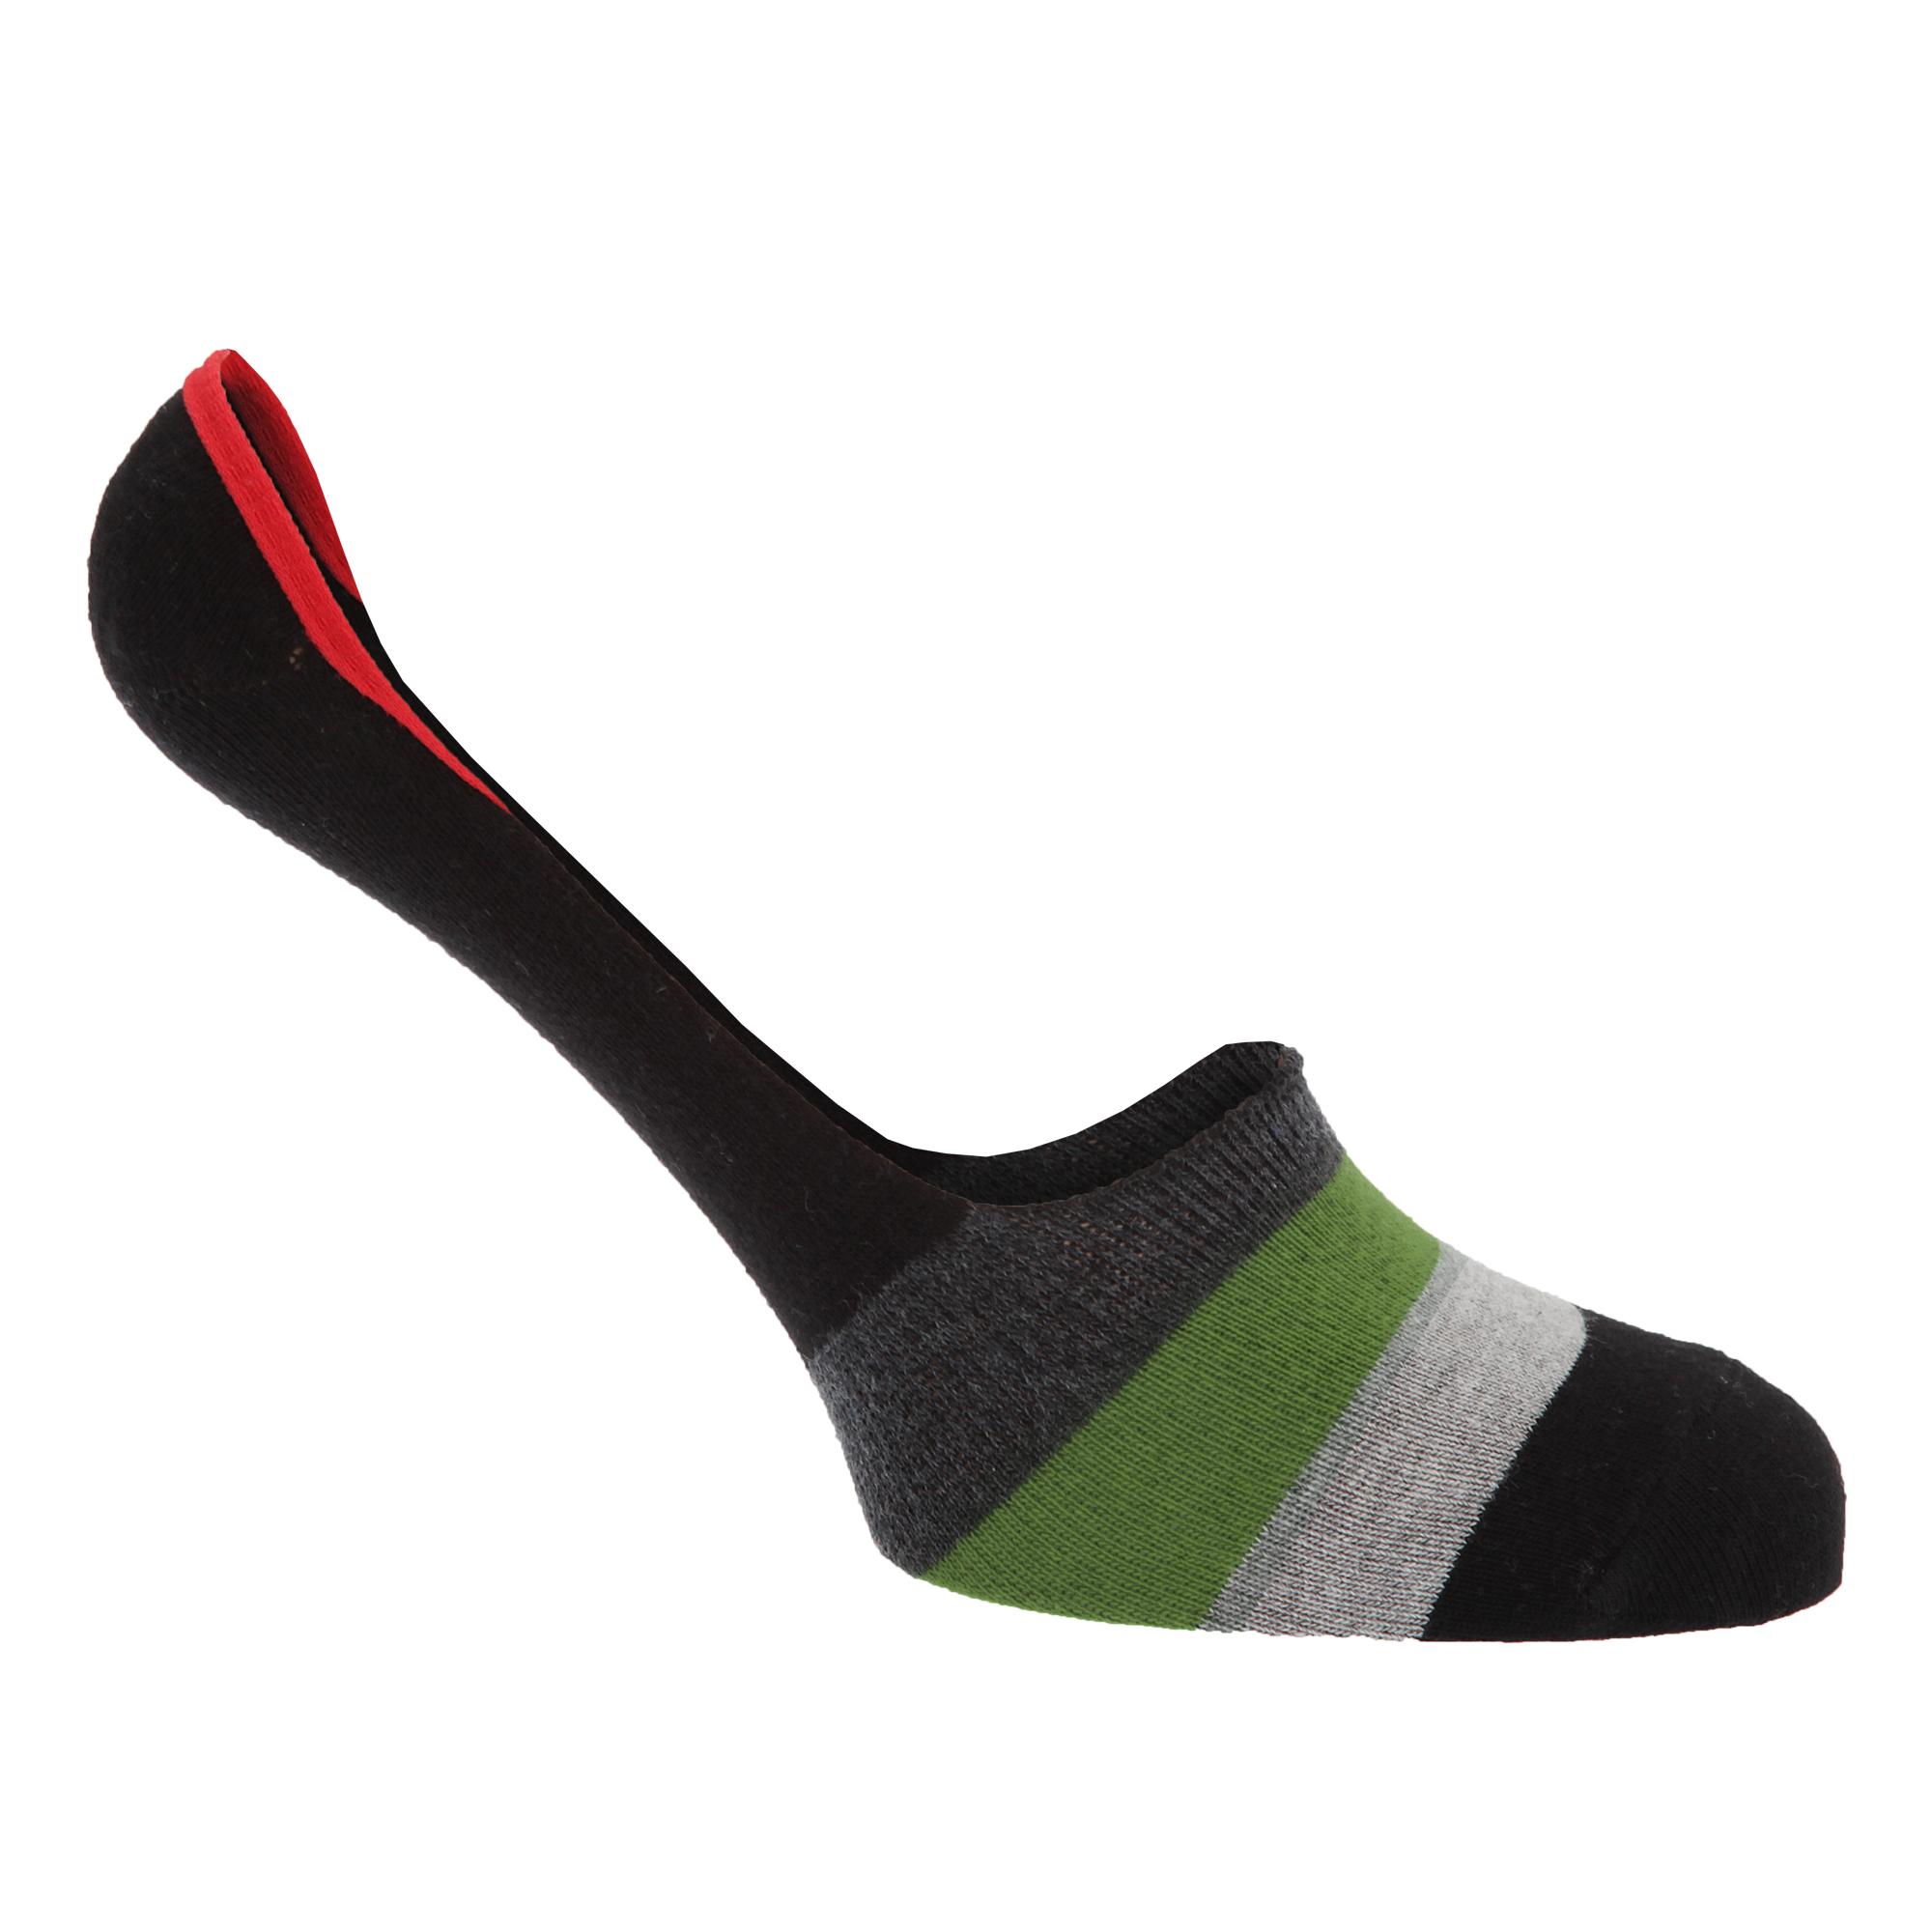 Diseño a rayas de algodón para hombre rico entrenador/Zapato Calcetines deportivos del trazador de líneas